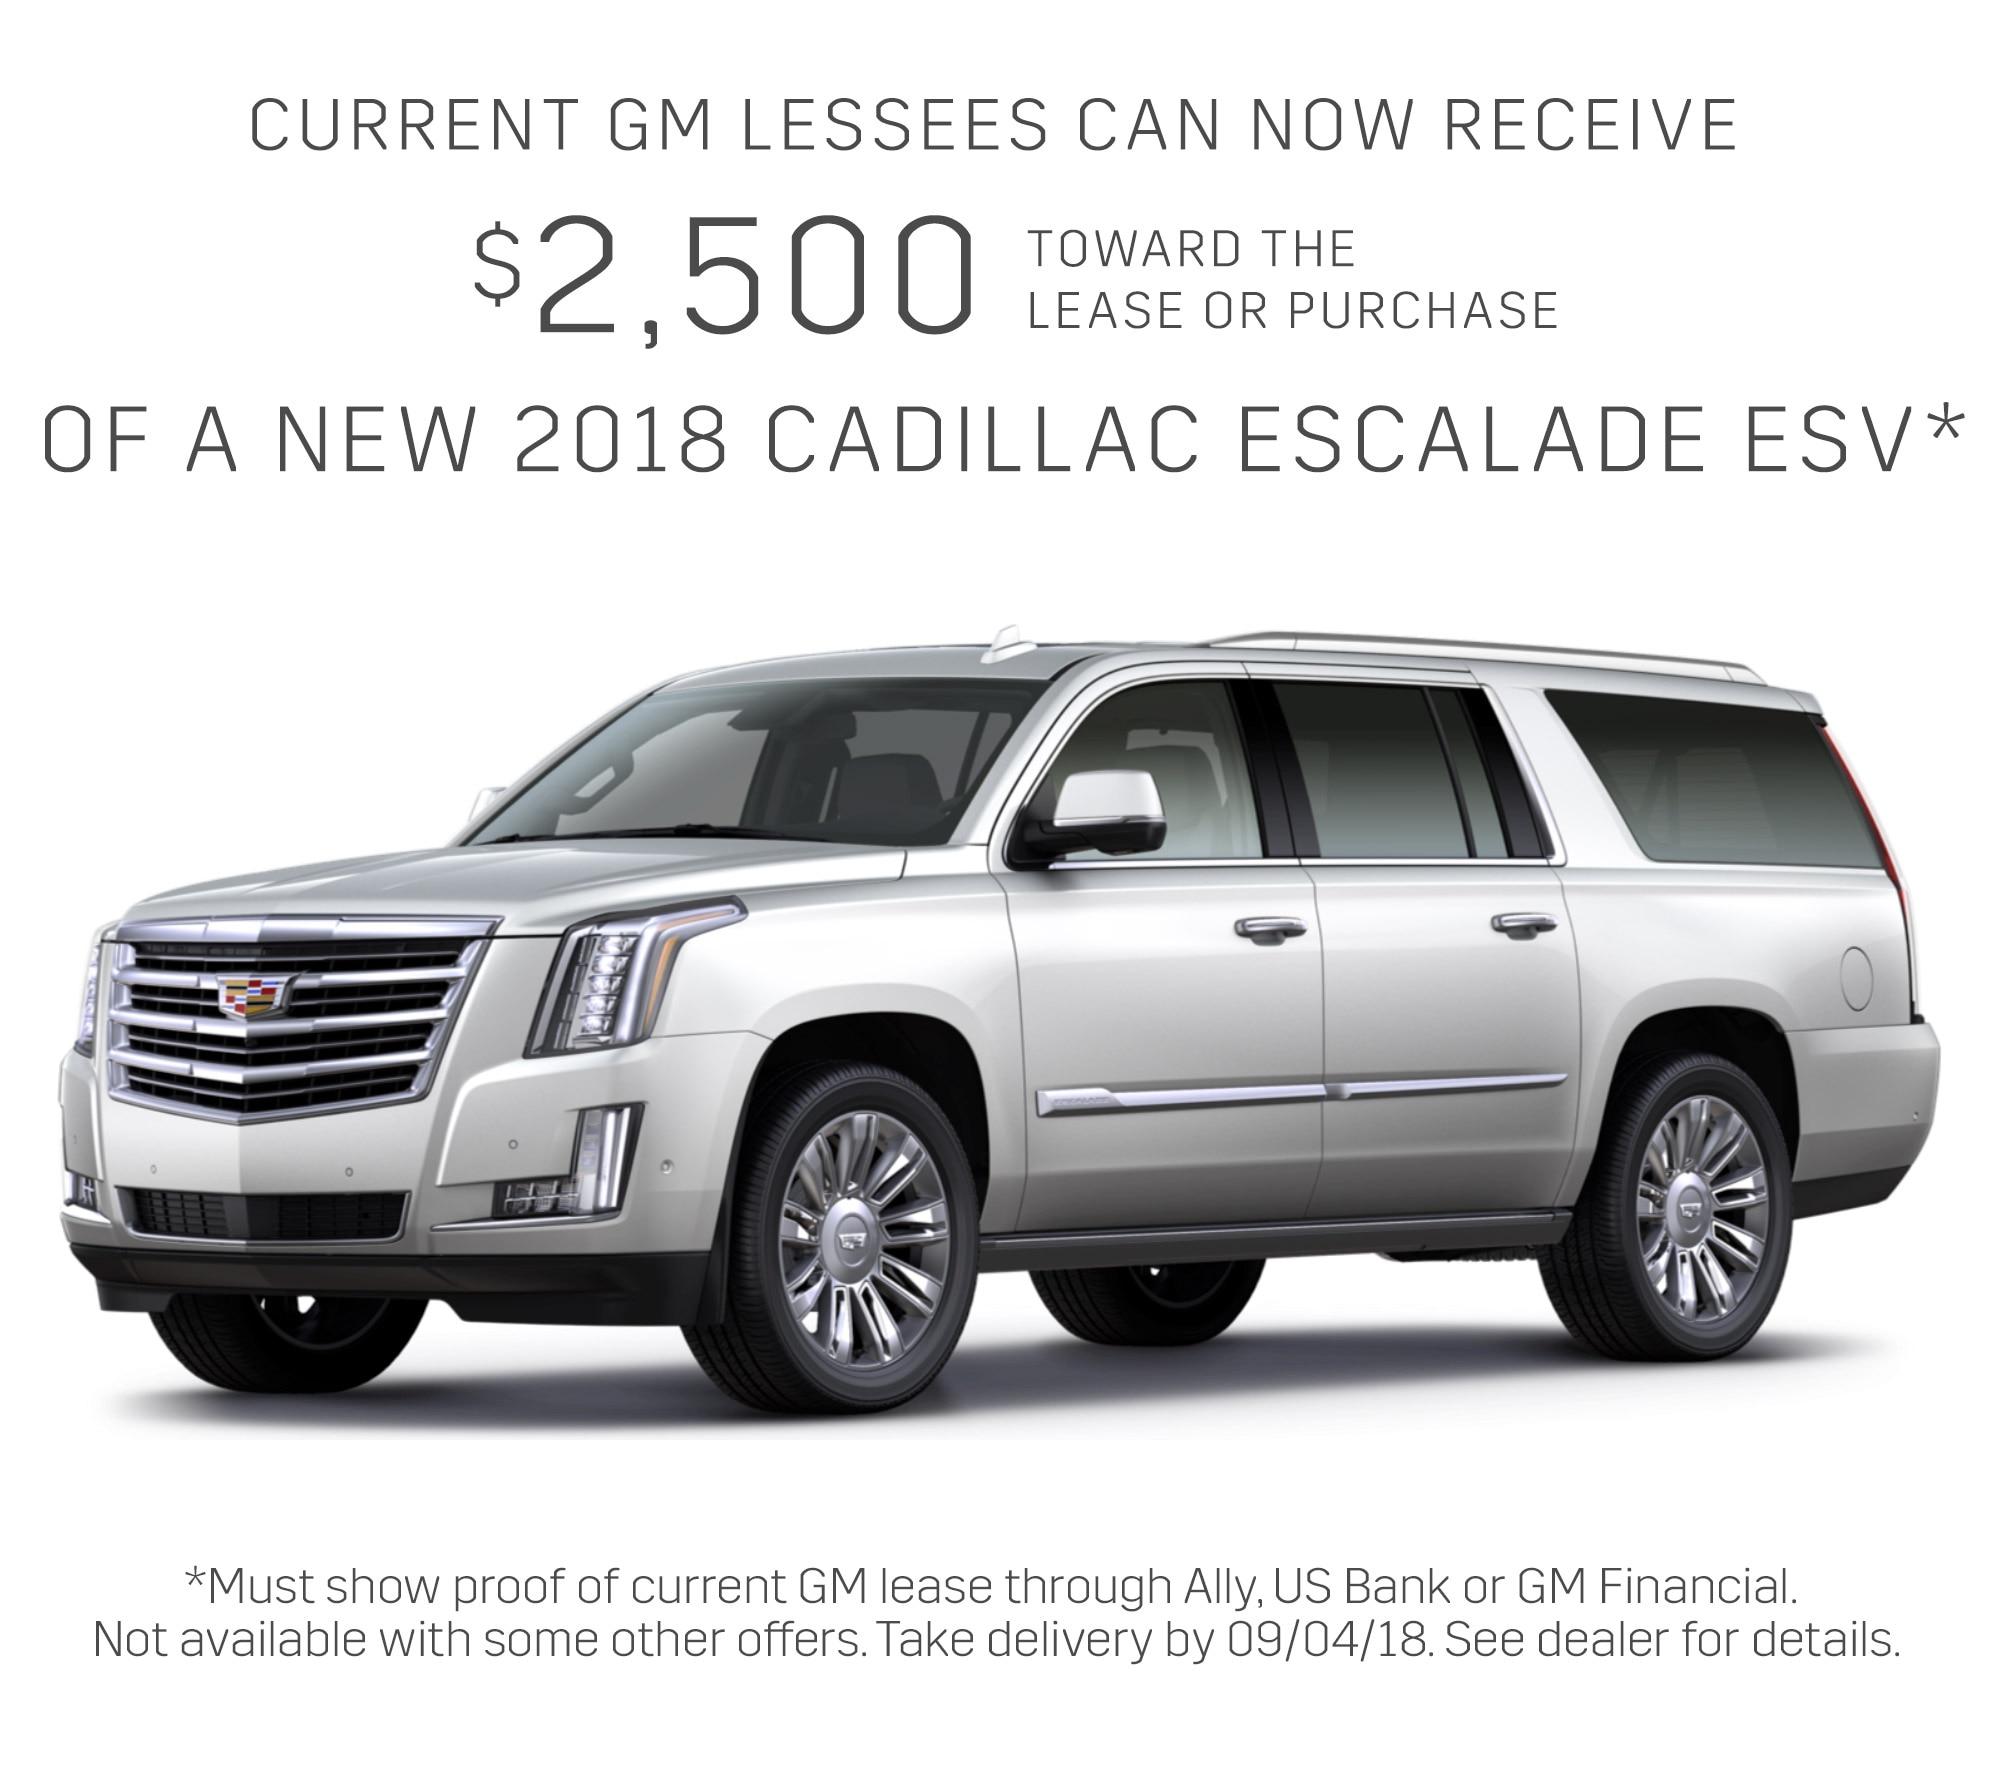 Cadillac Escalade Lease Deals